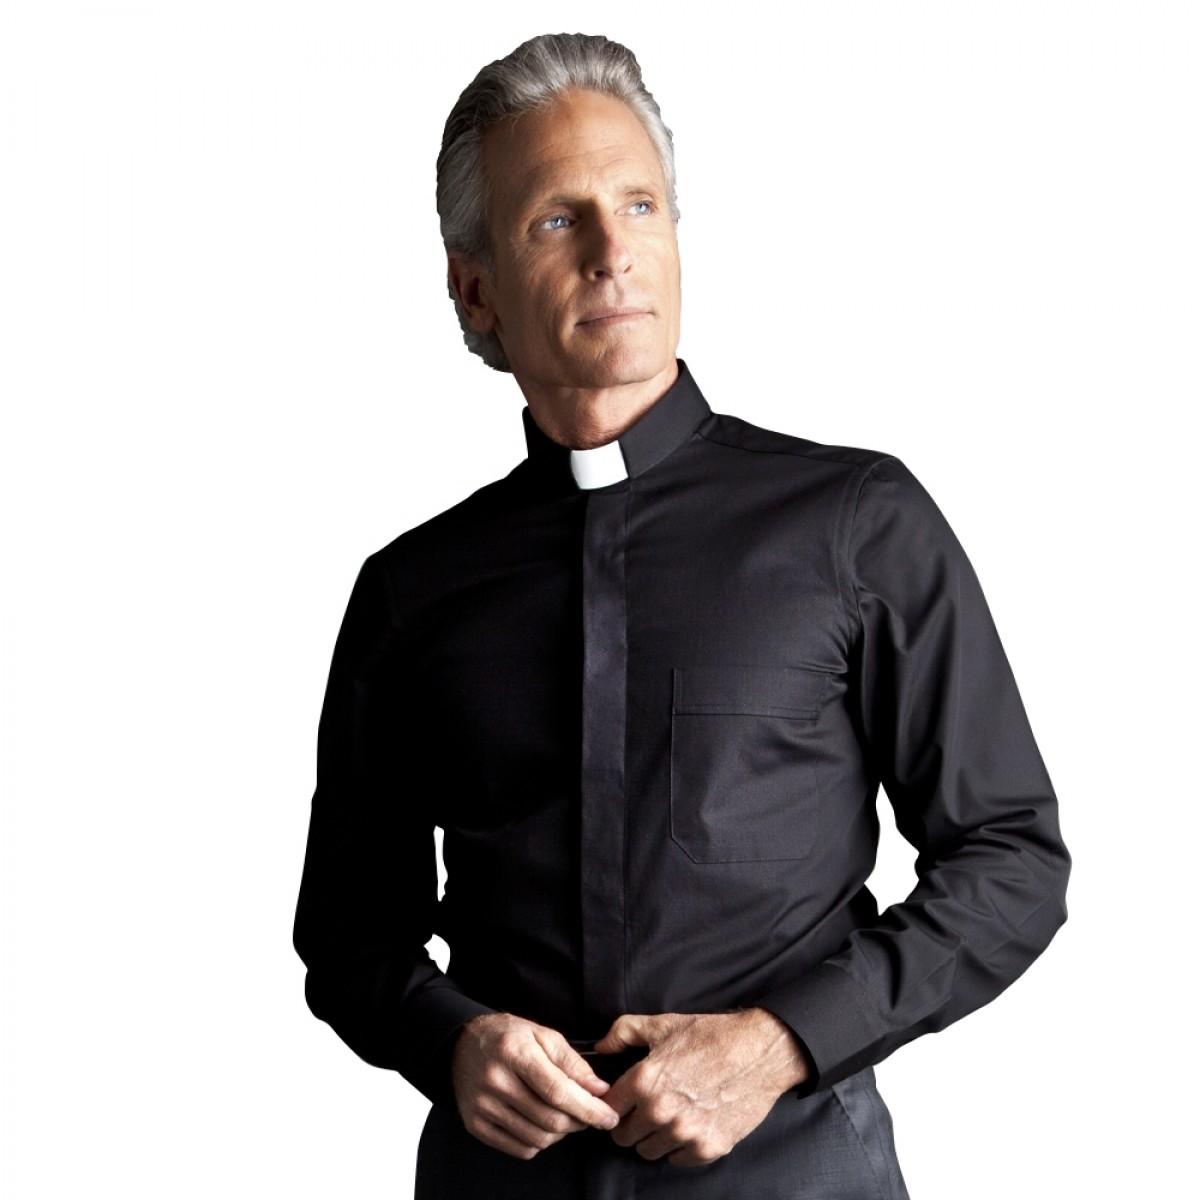 Camicia Clergy SLIM a manica lunga cotone stretch - art. 224